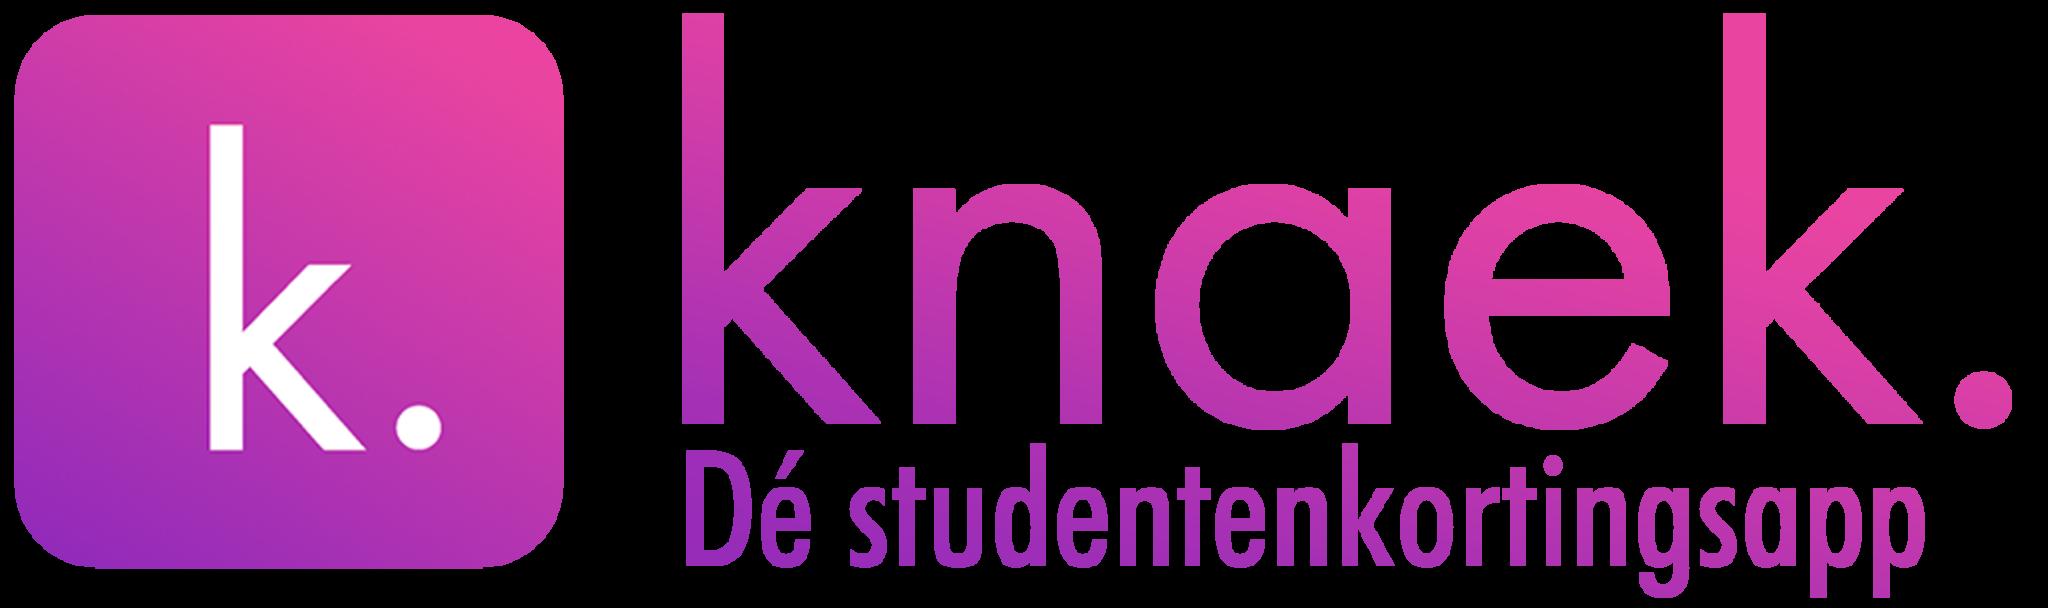 knaek_logo2020